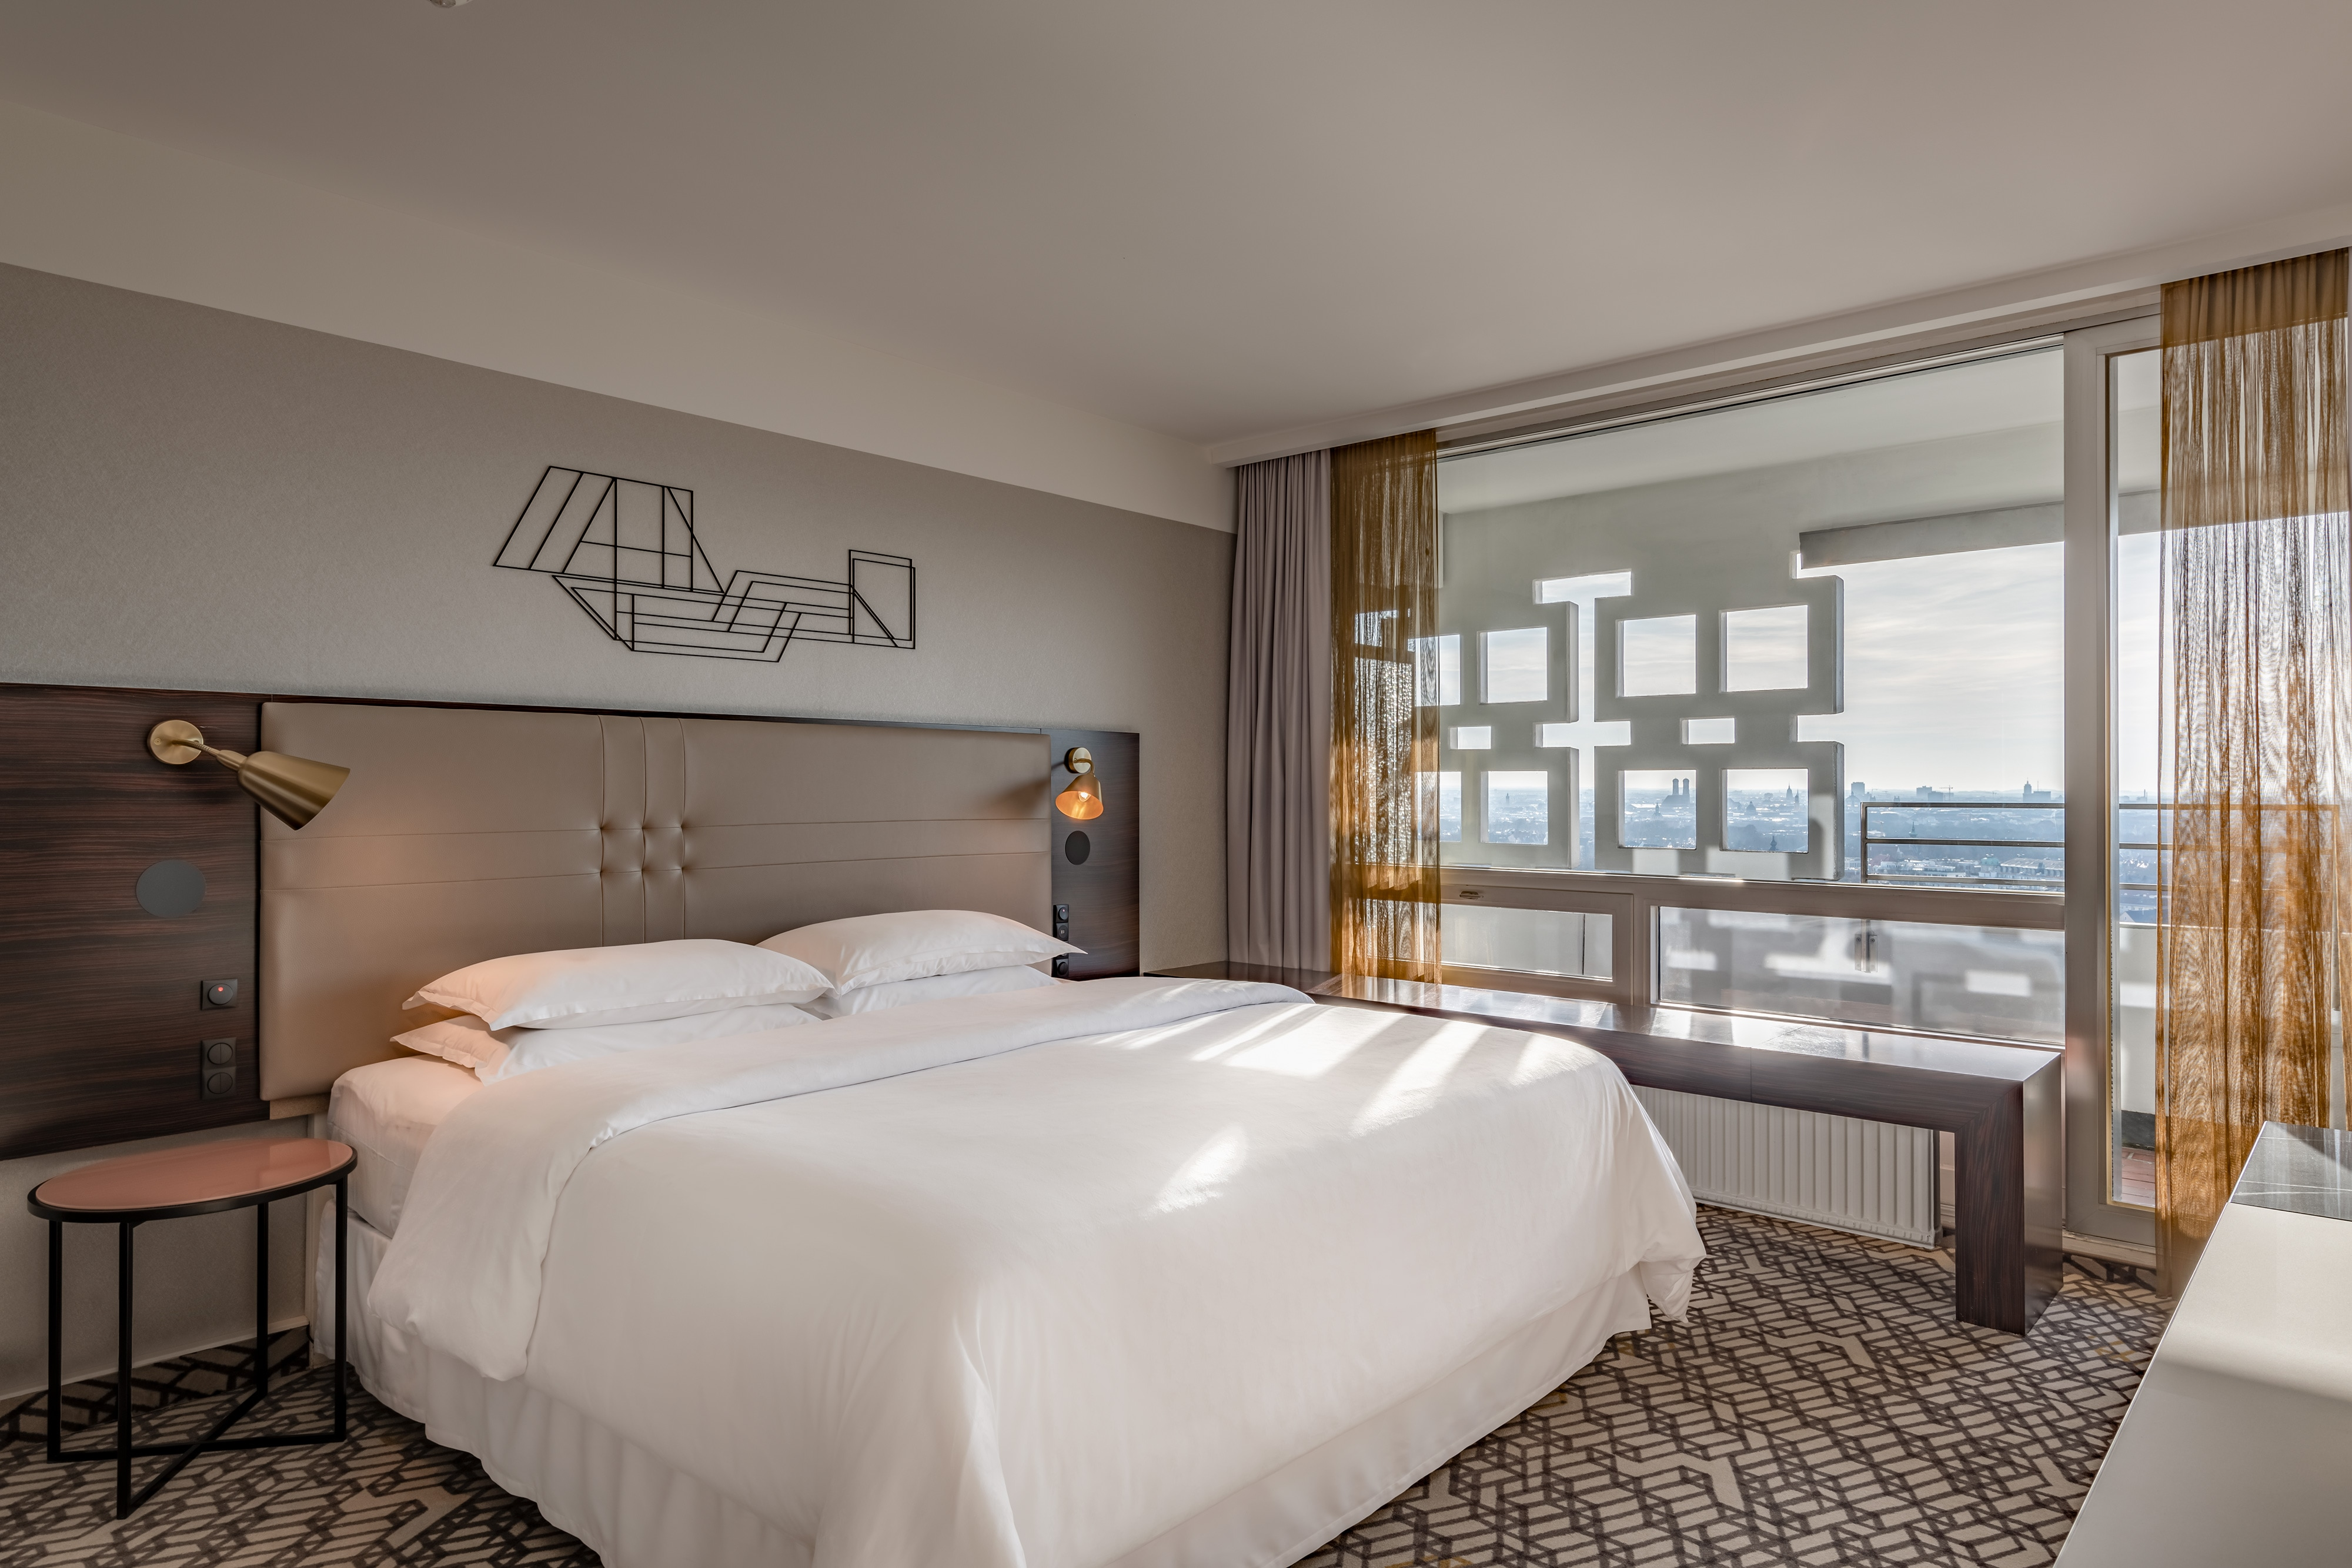 Suite supérieure avec lit king size